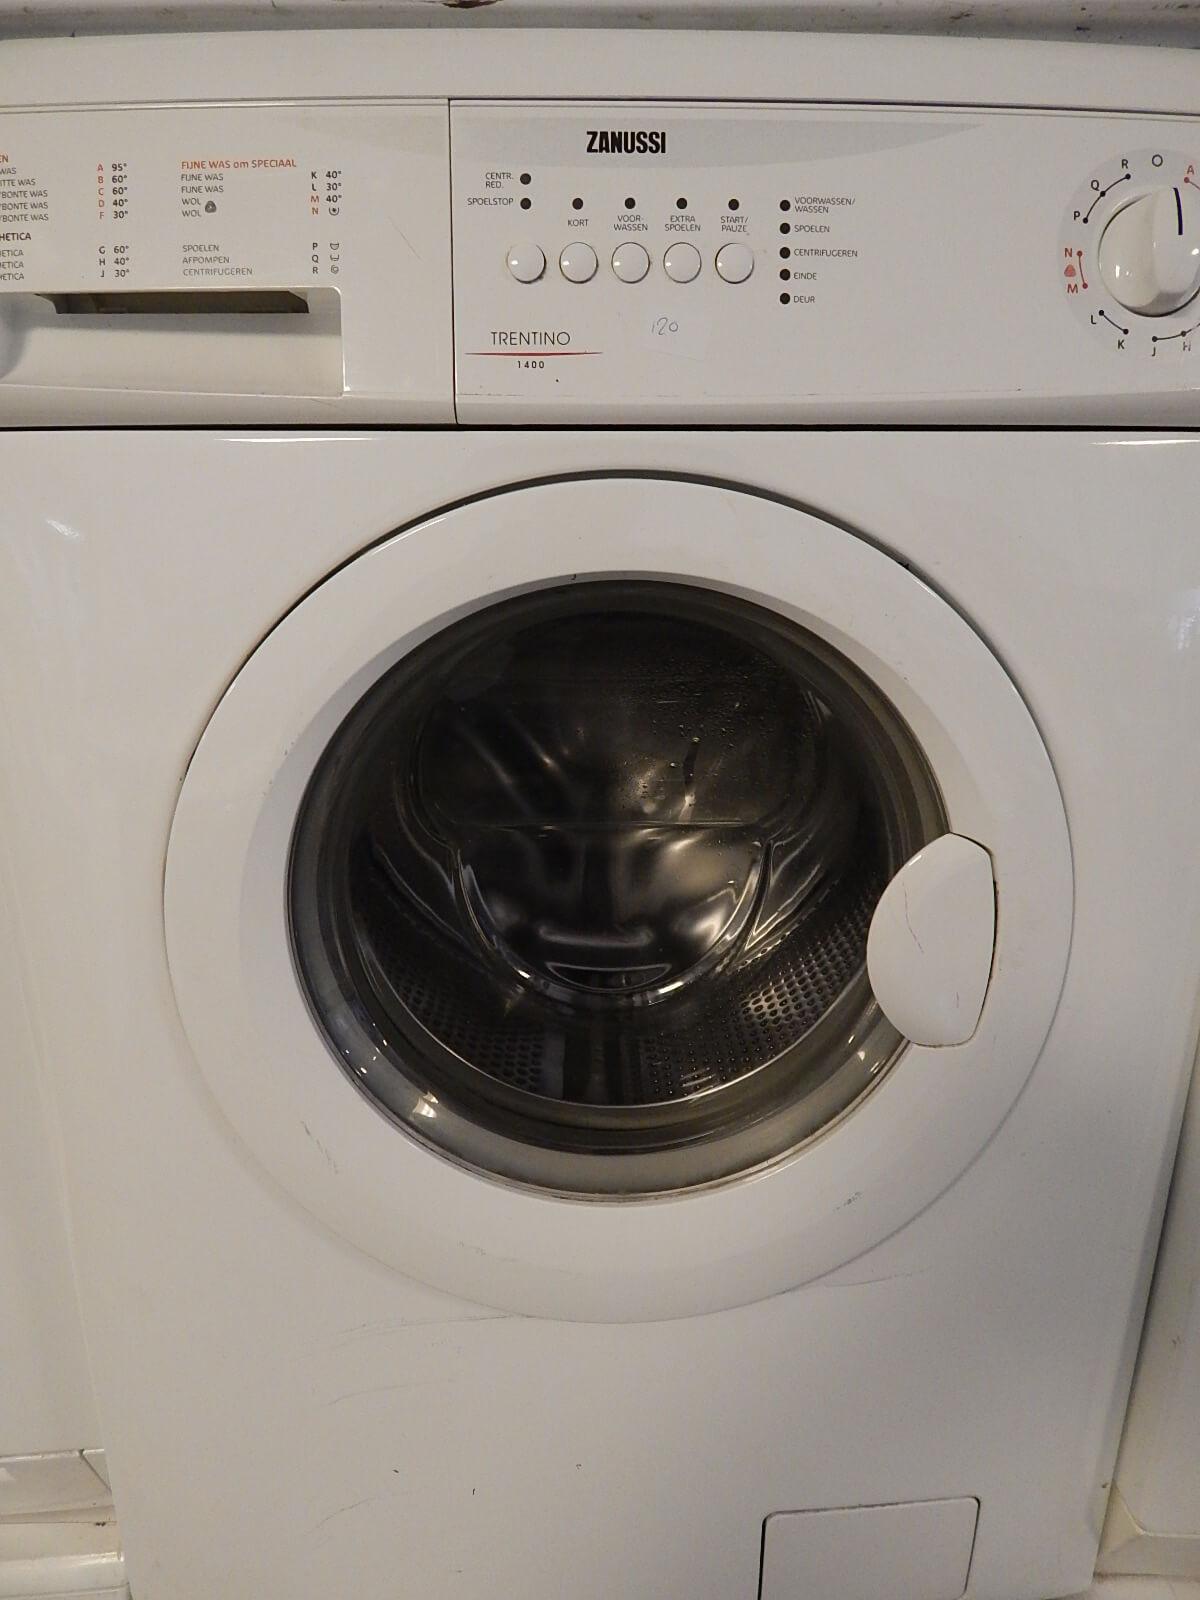 Gebruikte wasmachine Zanussi